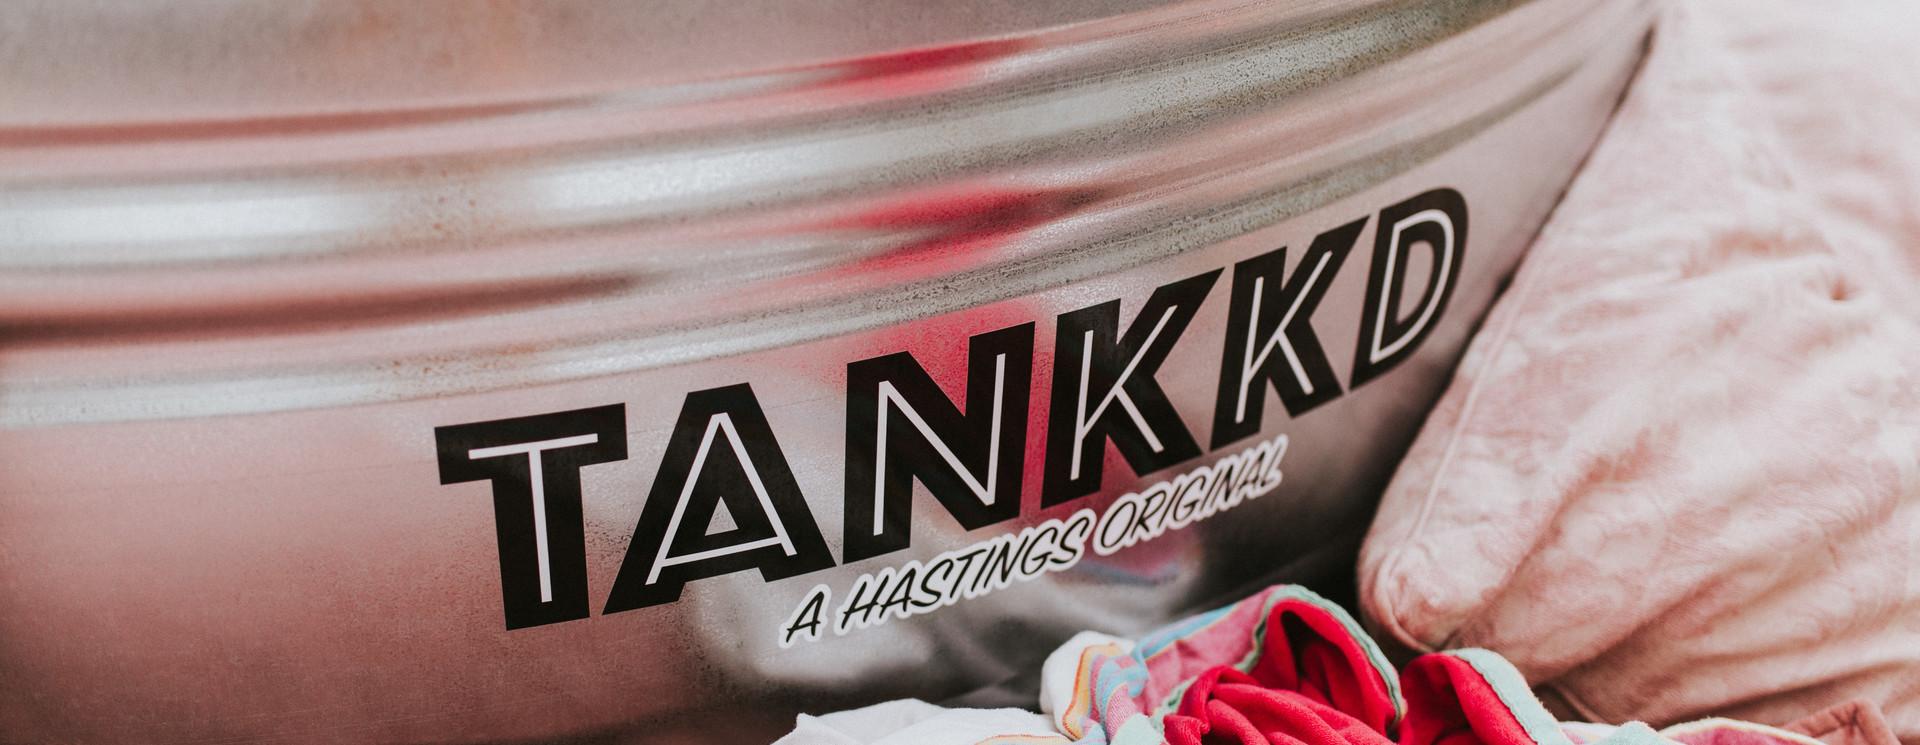 Tankkd ronde stock tanks Black label